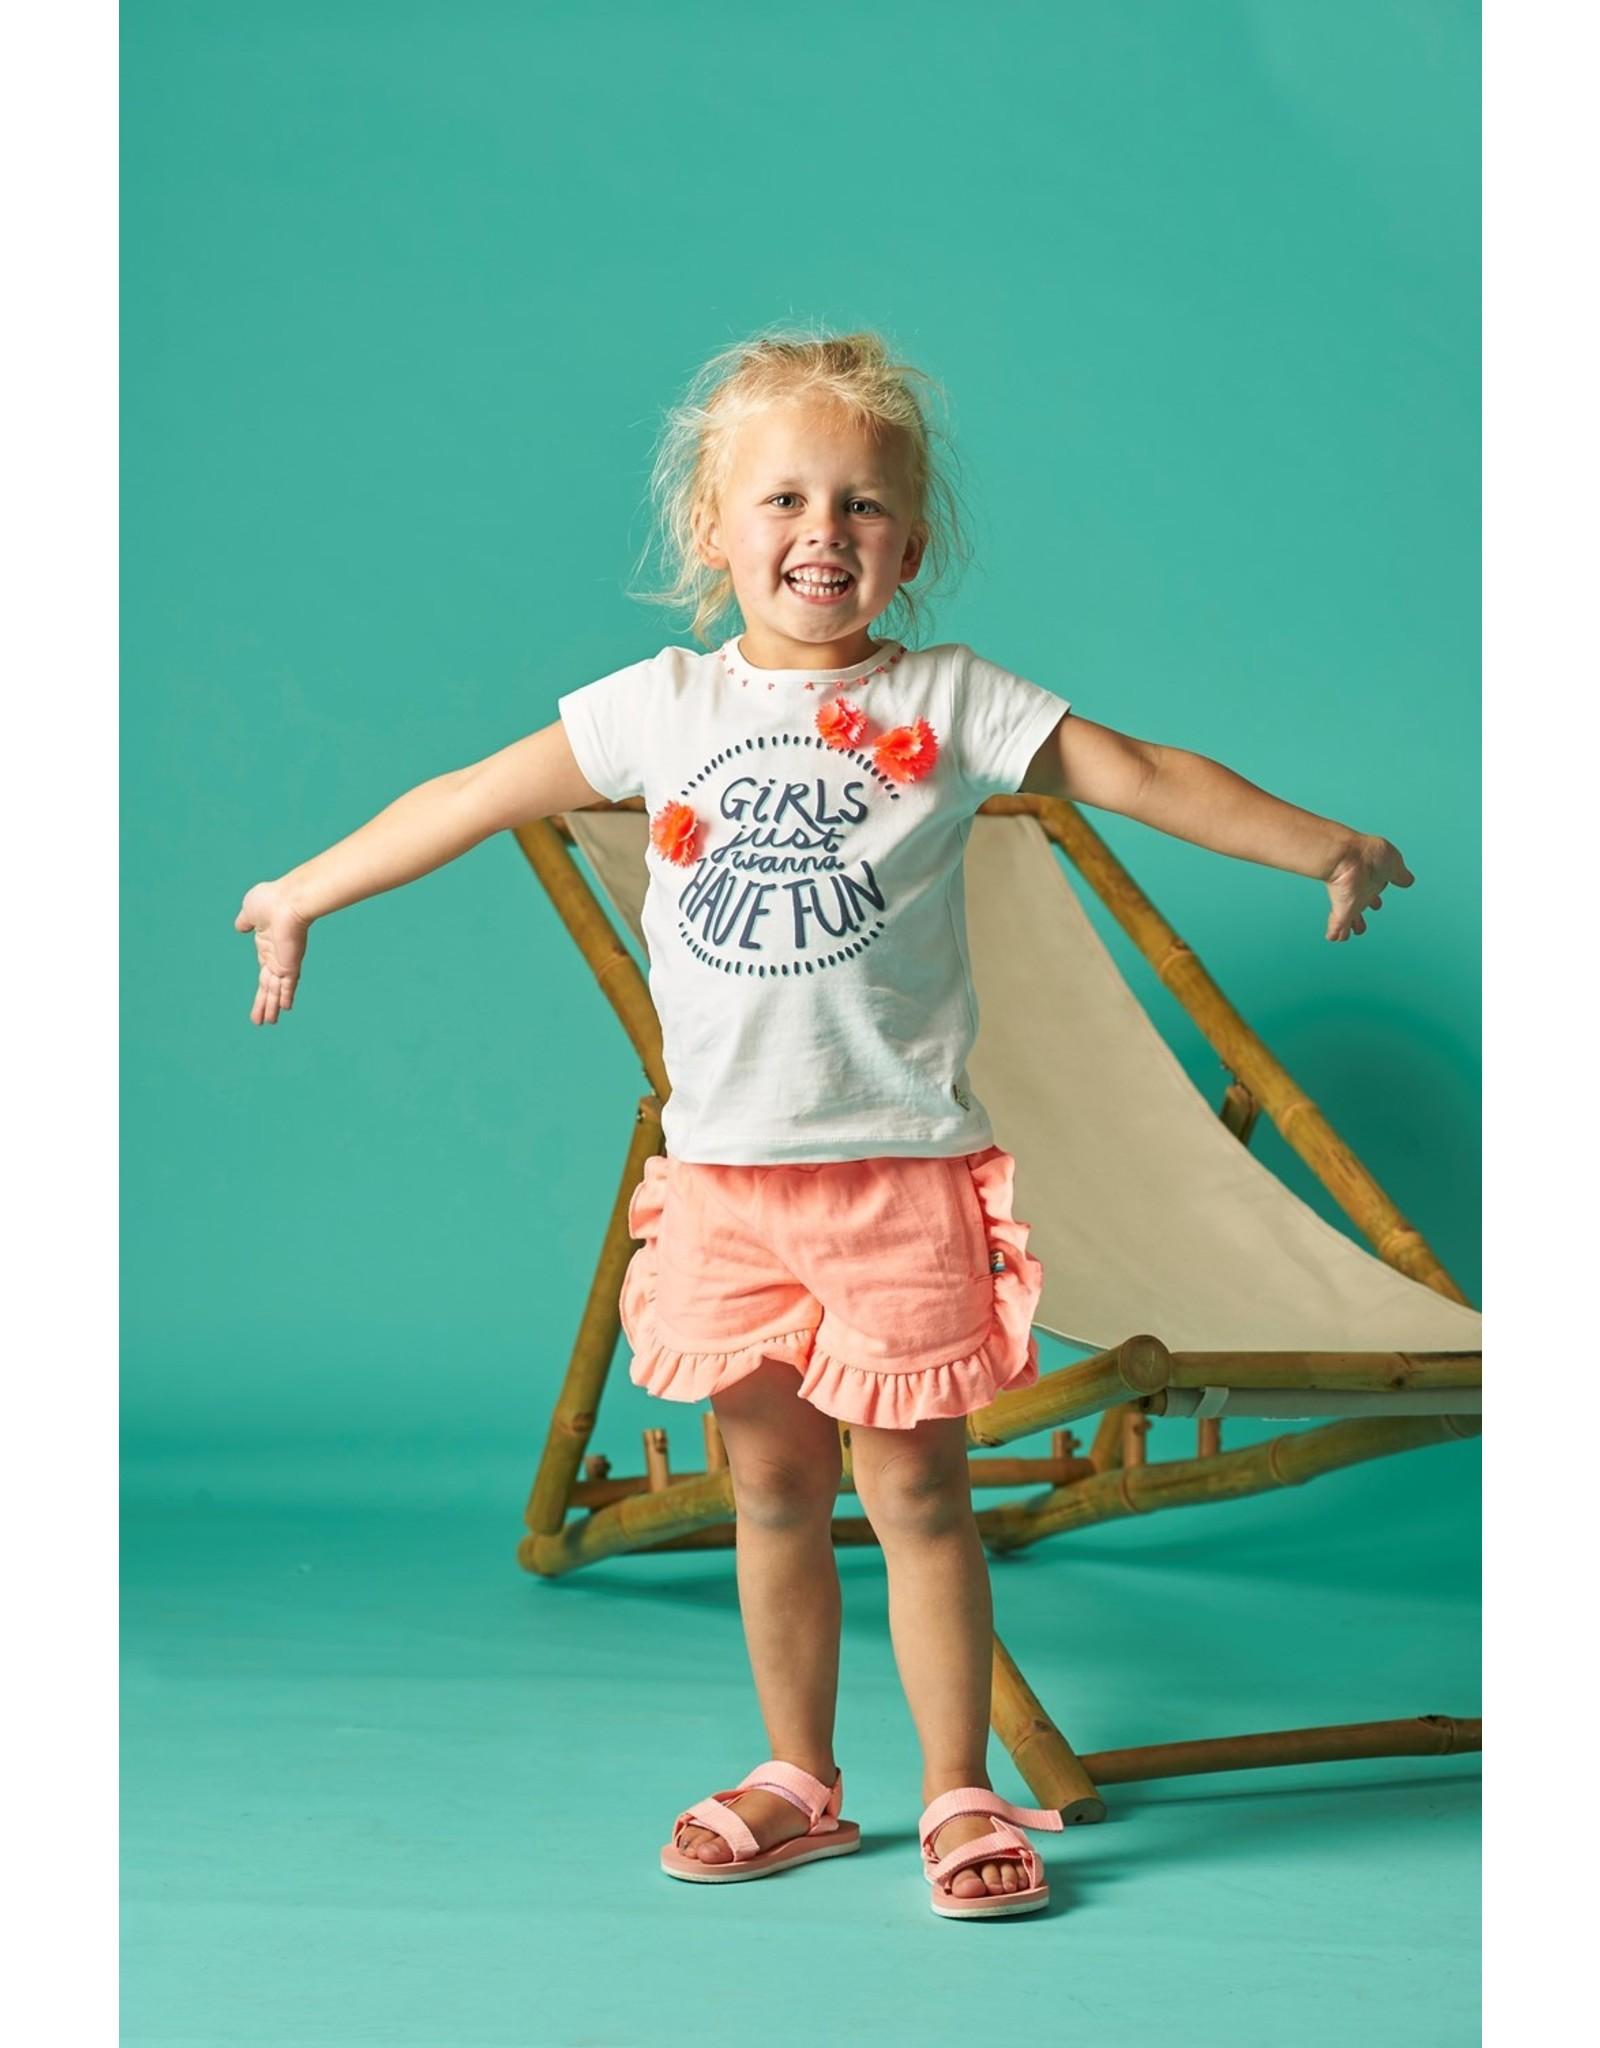 Jubel T-shirt Girls Just Wanna - Botanic Blush